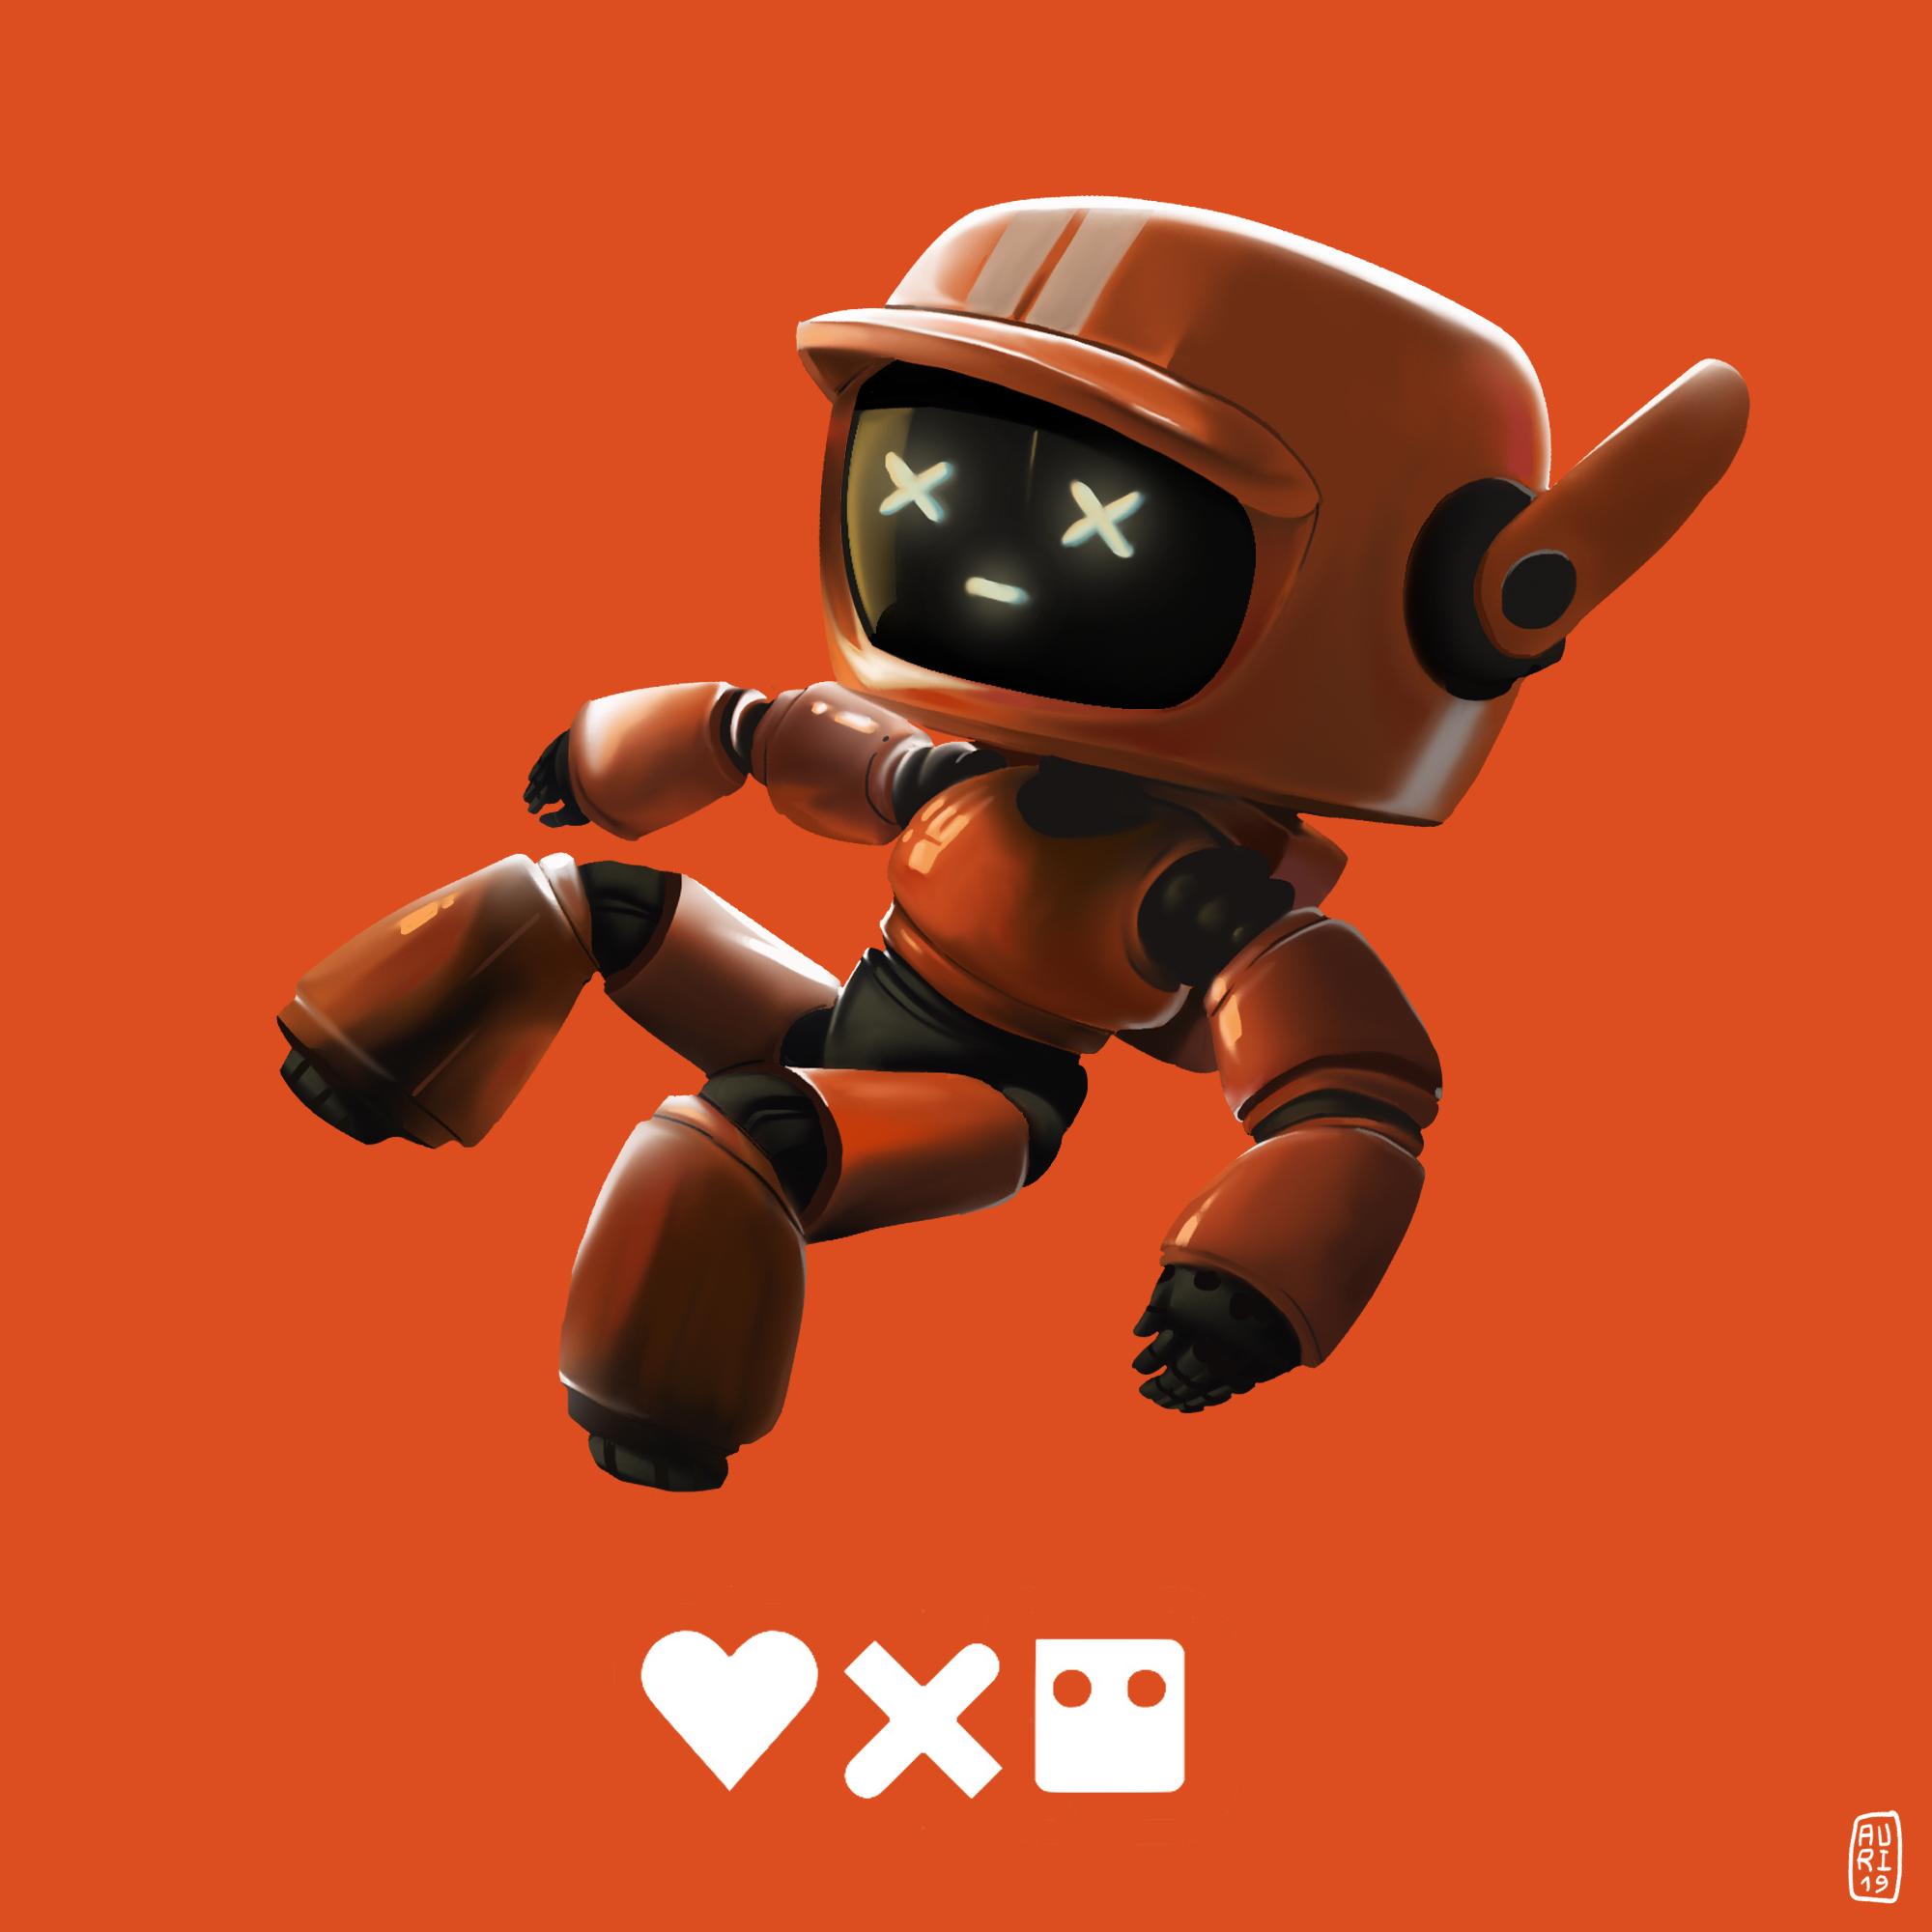 Love Death Robot